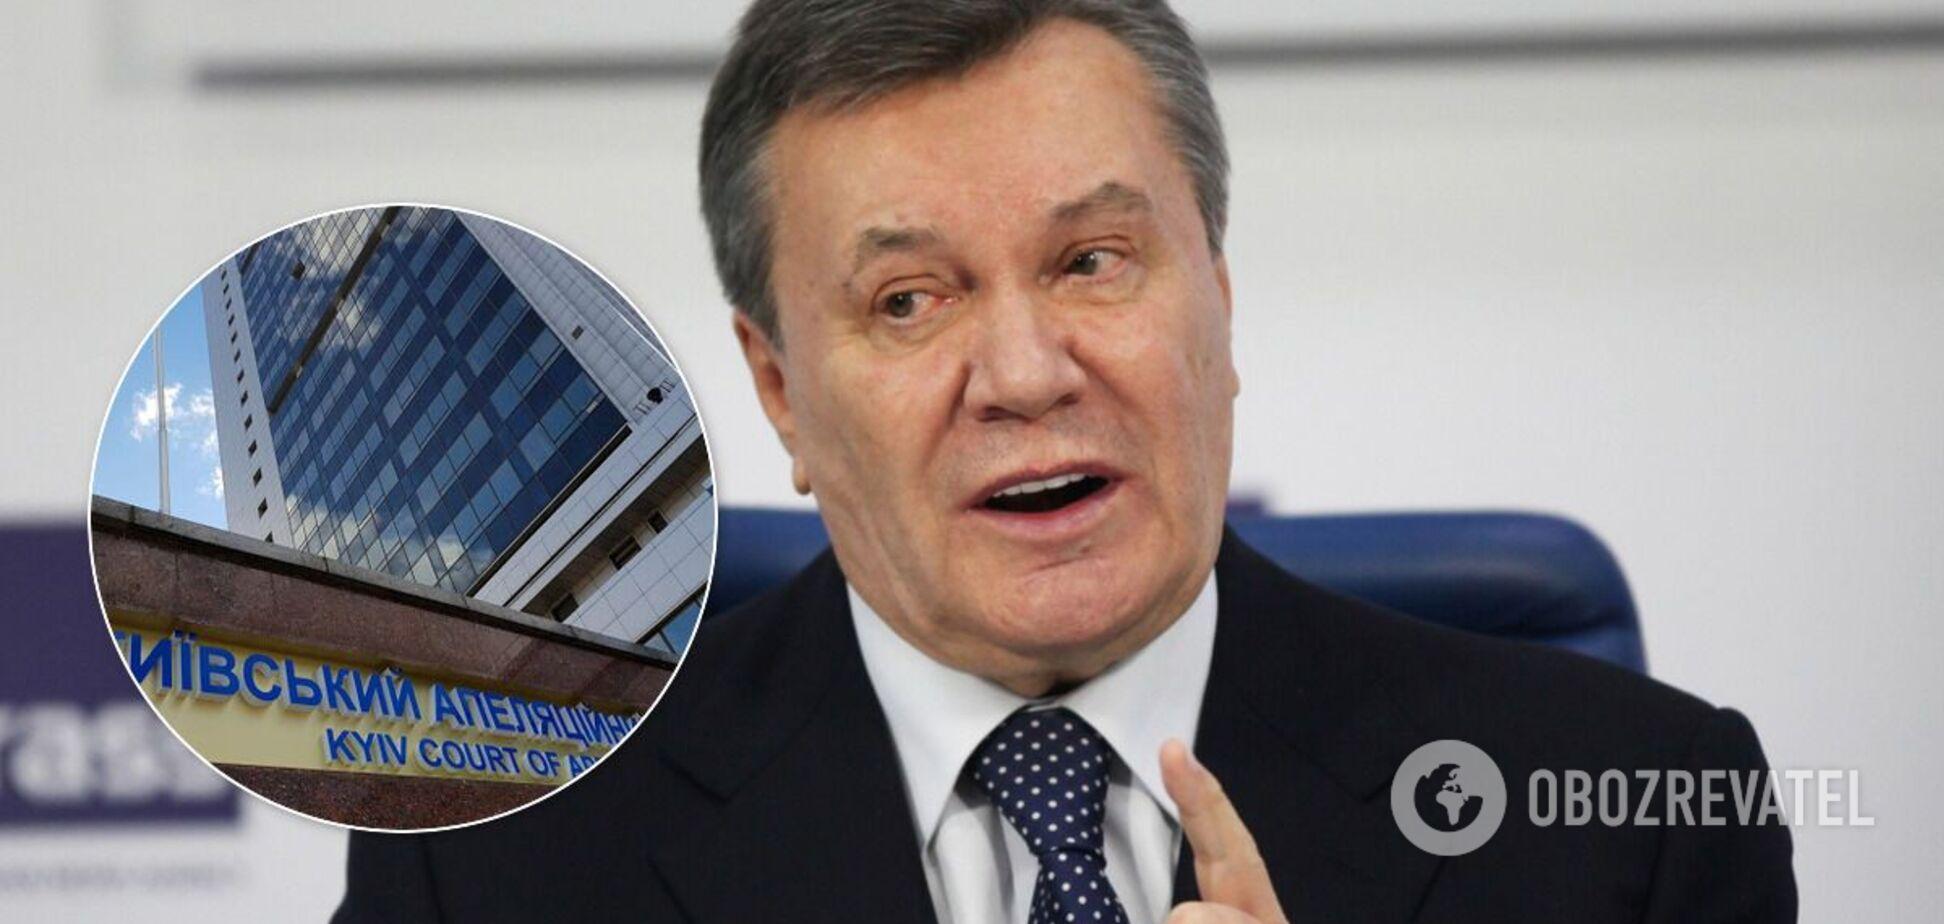 Суд, який скасував арешт Януковича, пообіцяв пояснити своє рішення